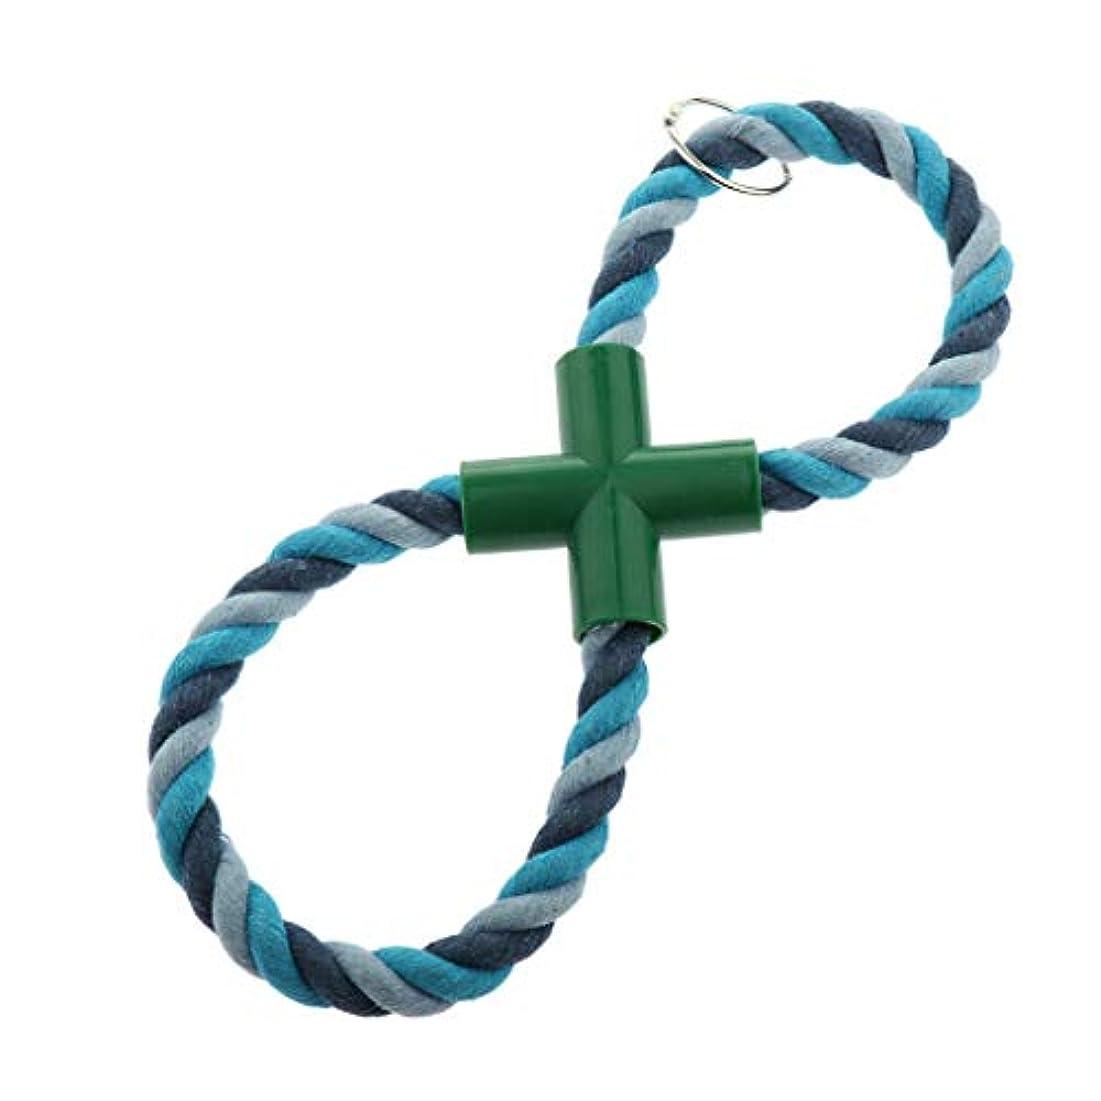 雨メロドラマ真実にペット用品 噛む玩具 綿ロープ鳥おもちゃ カラフル インコ オウム運動玩具 吊り下げ式耐久性